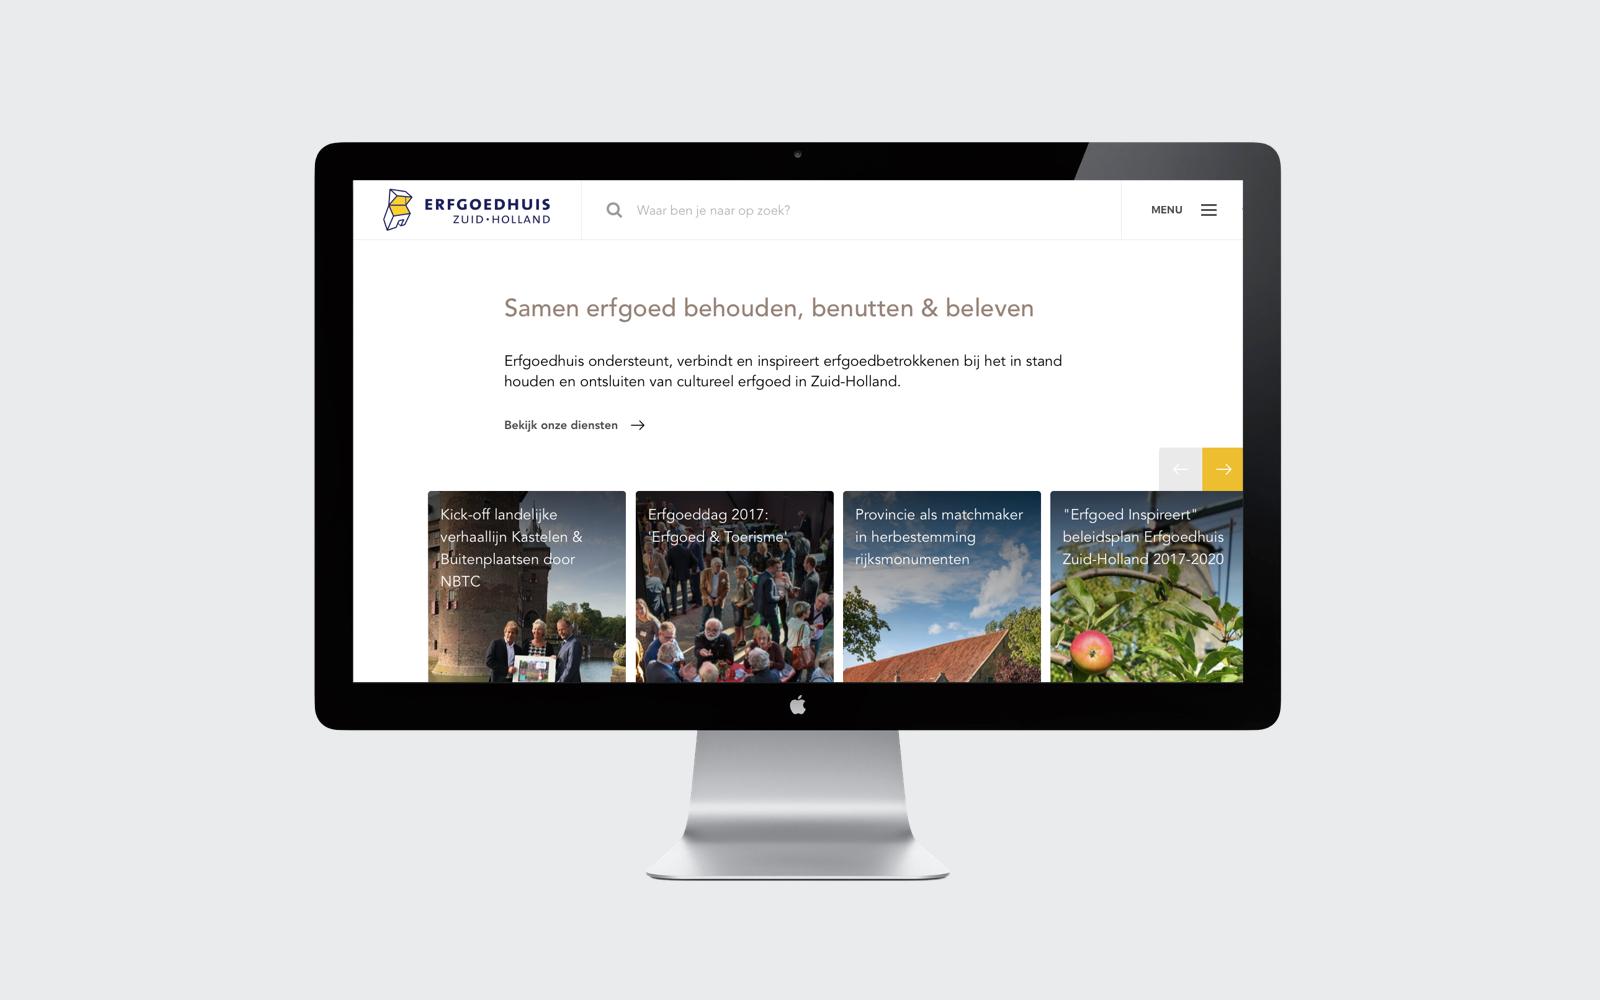 erfgoedhuis-website-1